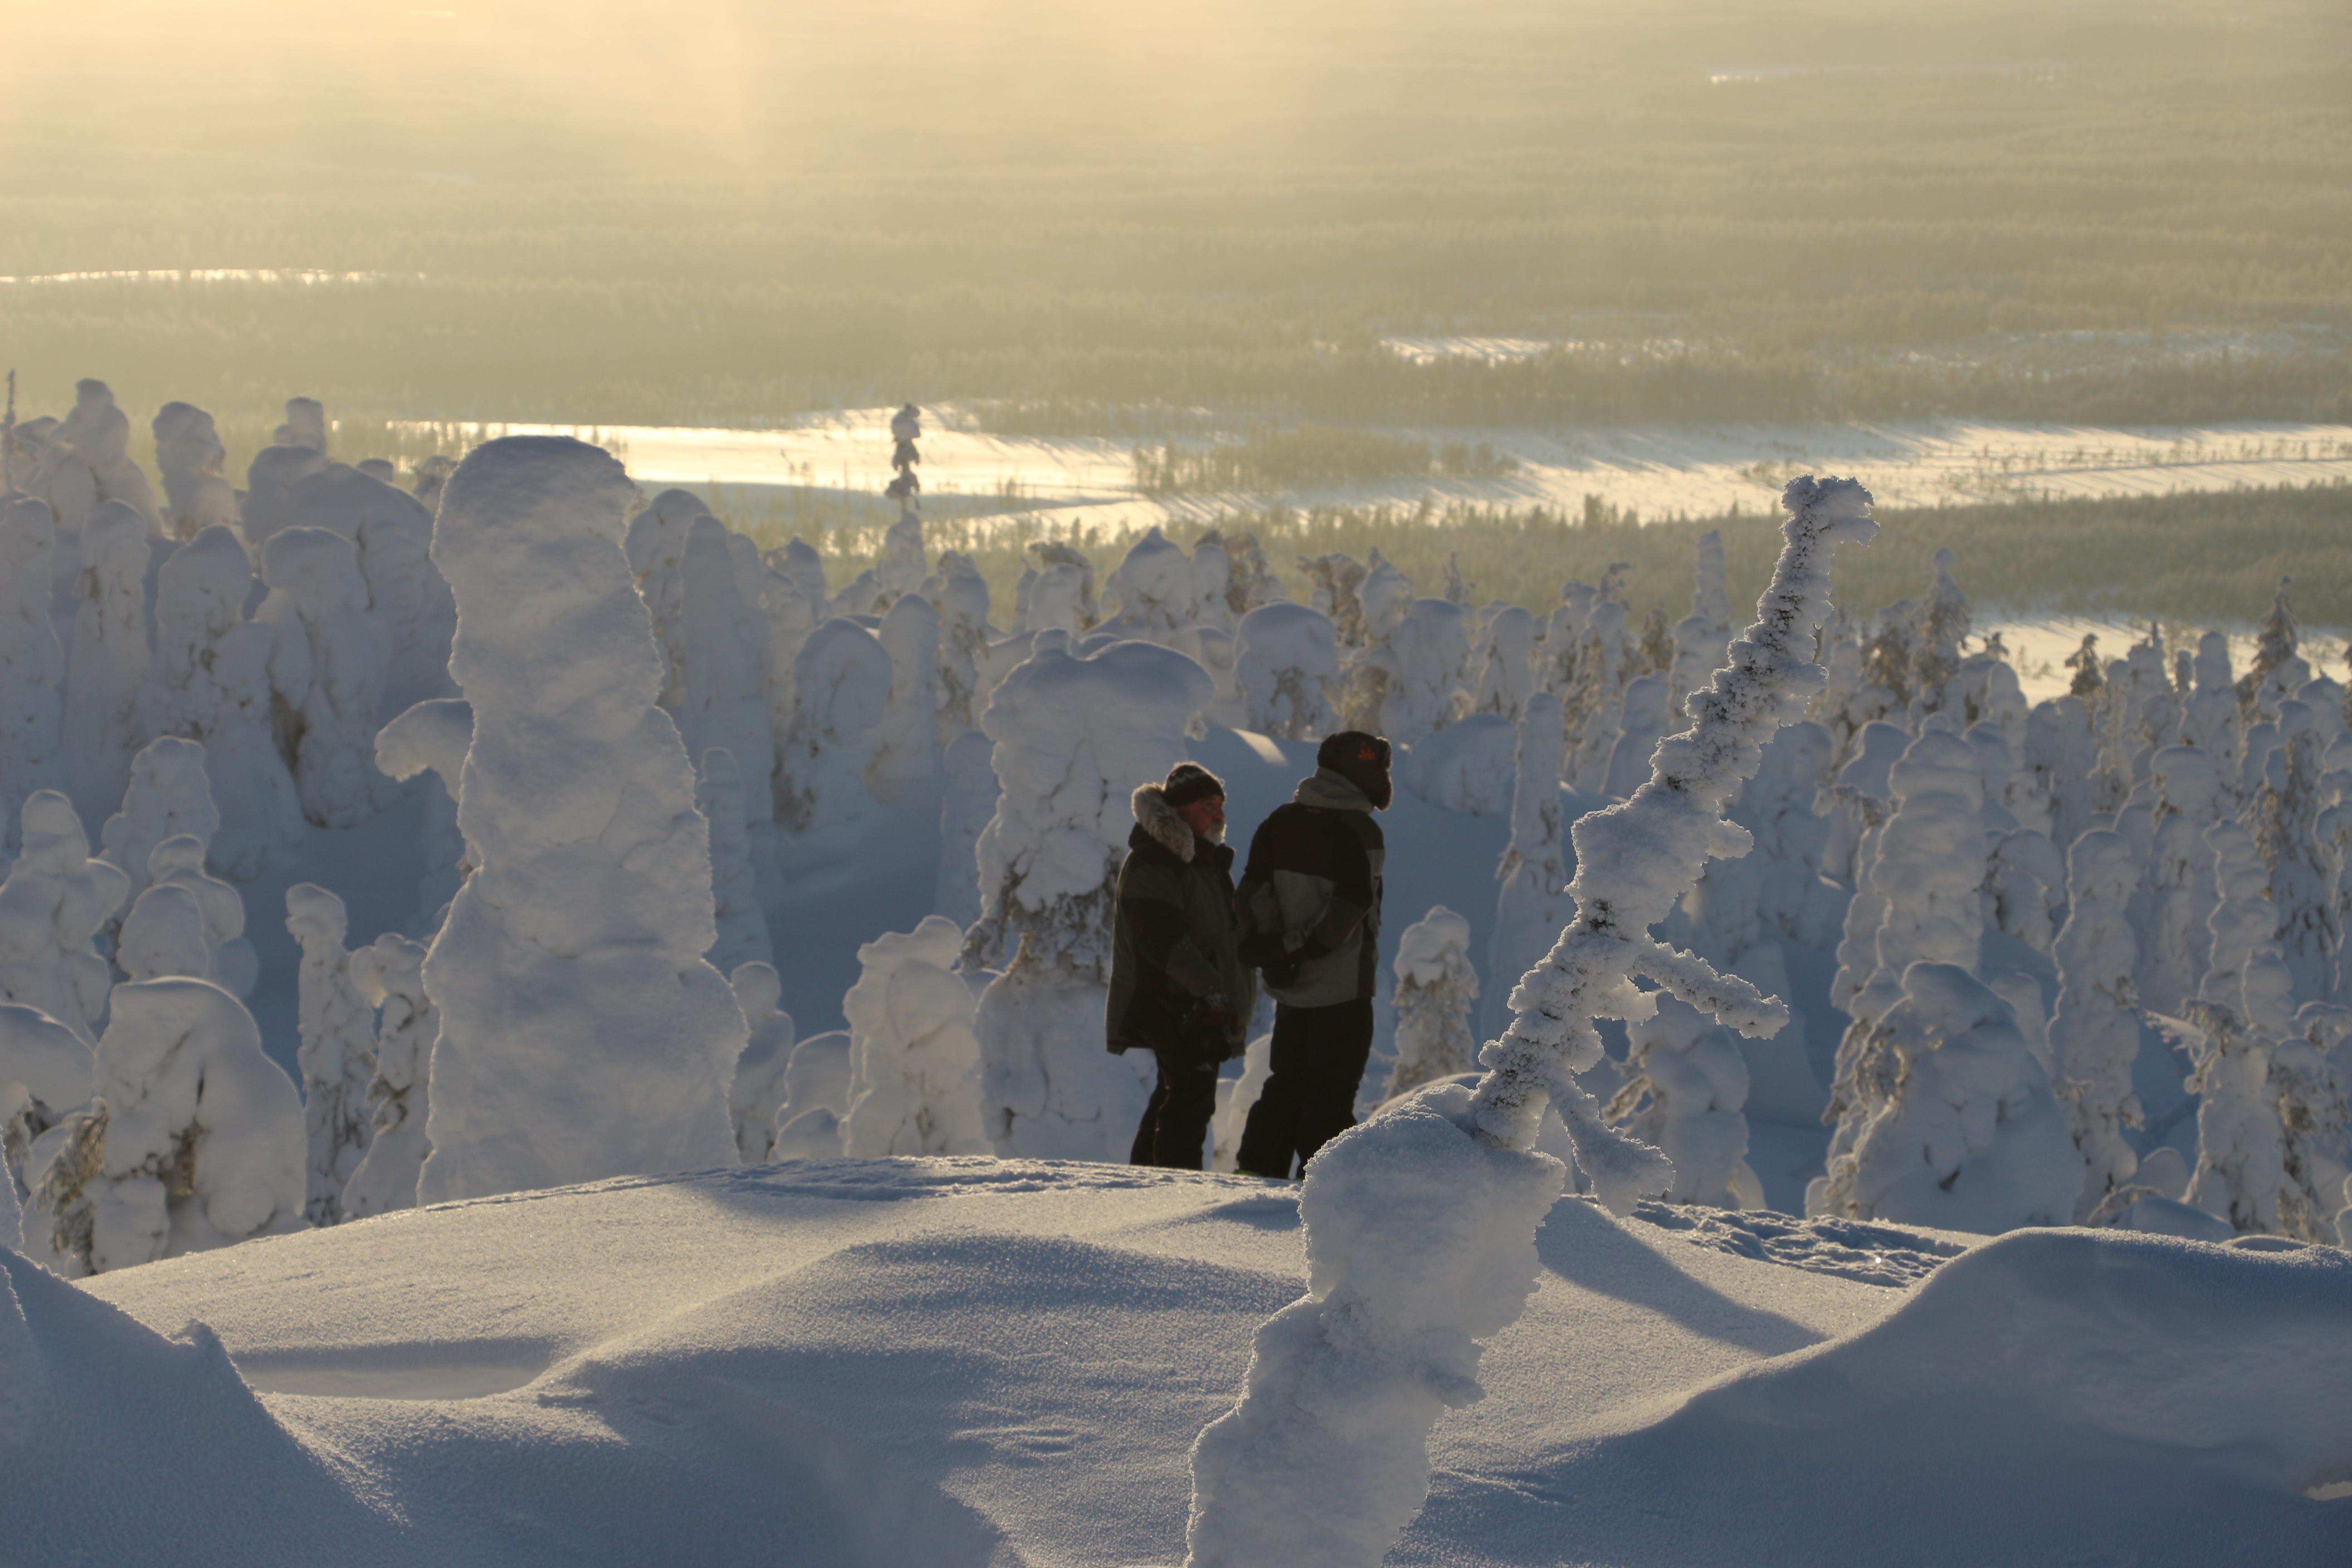 Iivarra Finlande